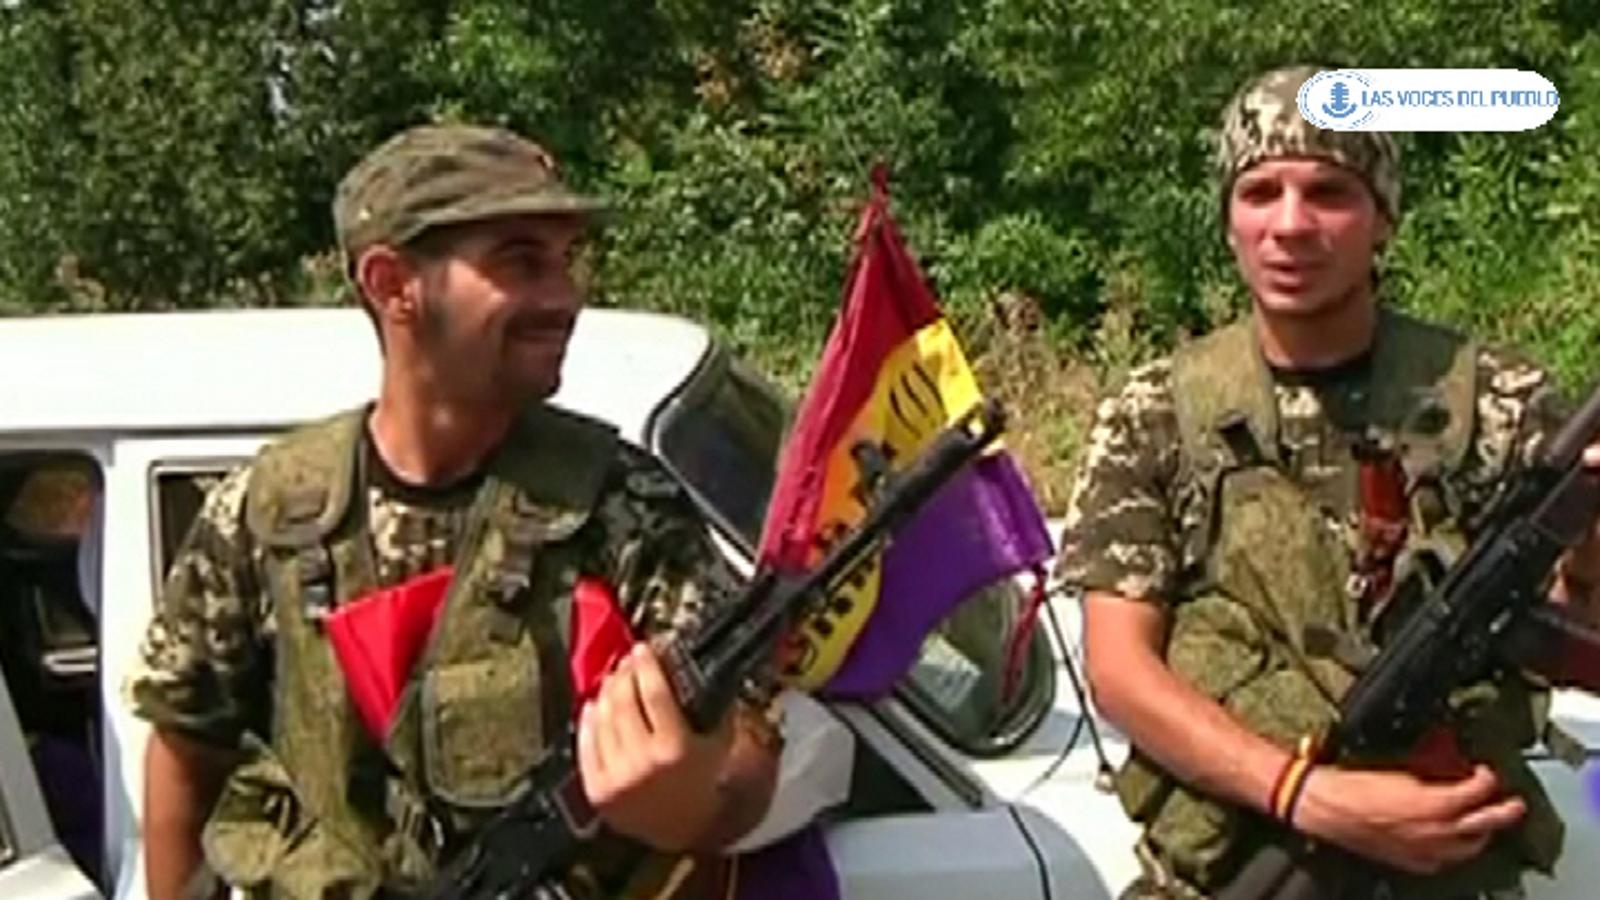 Dos españoles republicanos combatiendo con separatistas prorusos ucranianos contra el Gobierno de Kiev.Movie_Instantánea